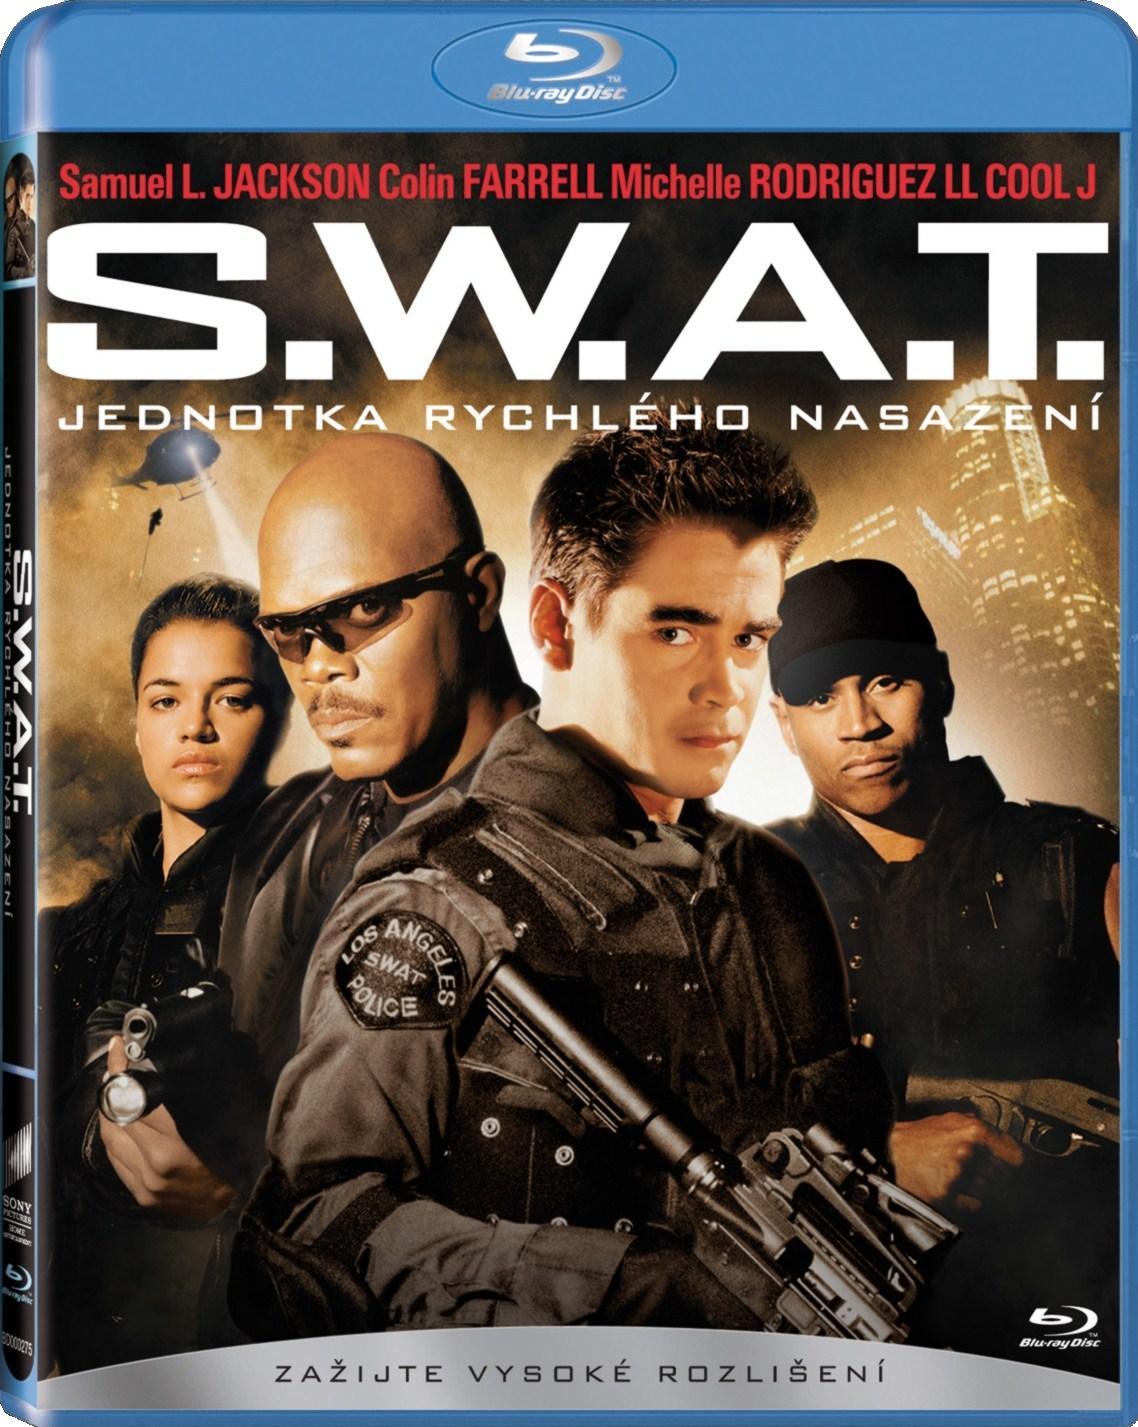 S.W.A.T. - JEDNOTKA RYCHLÉHO NASAZENÍ - Blu-ray